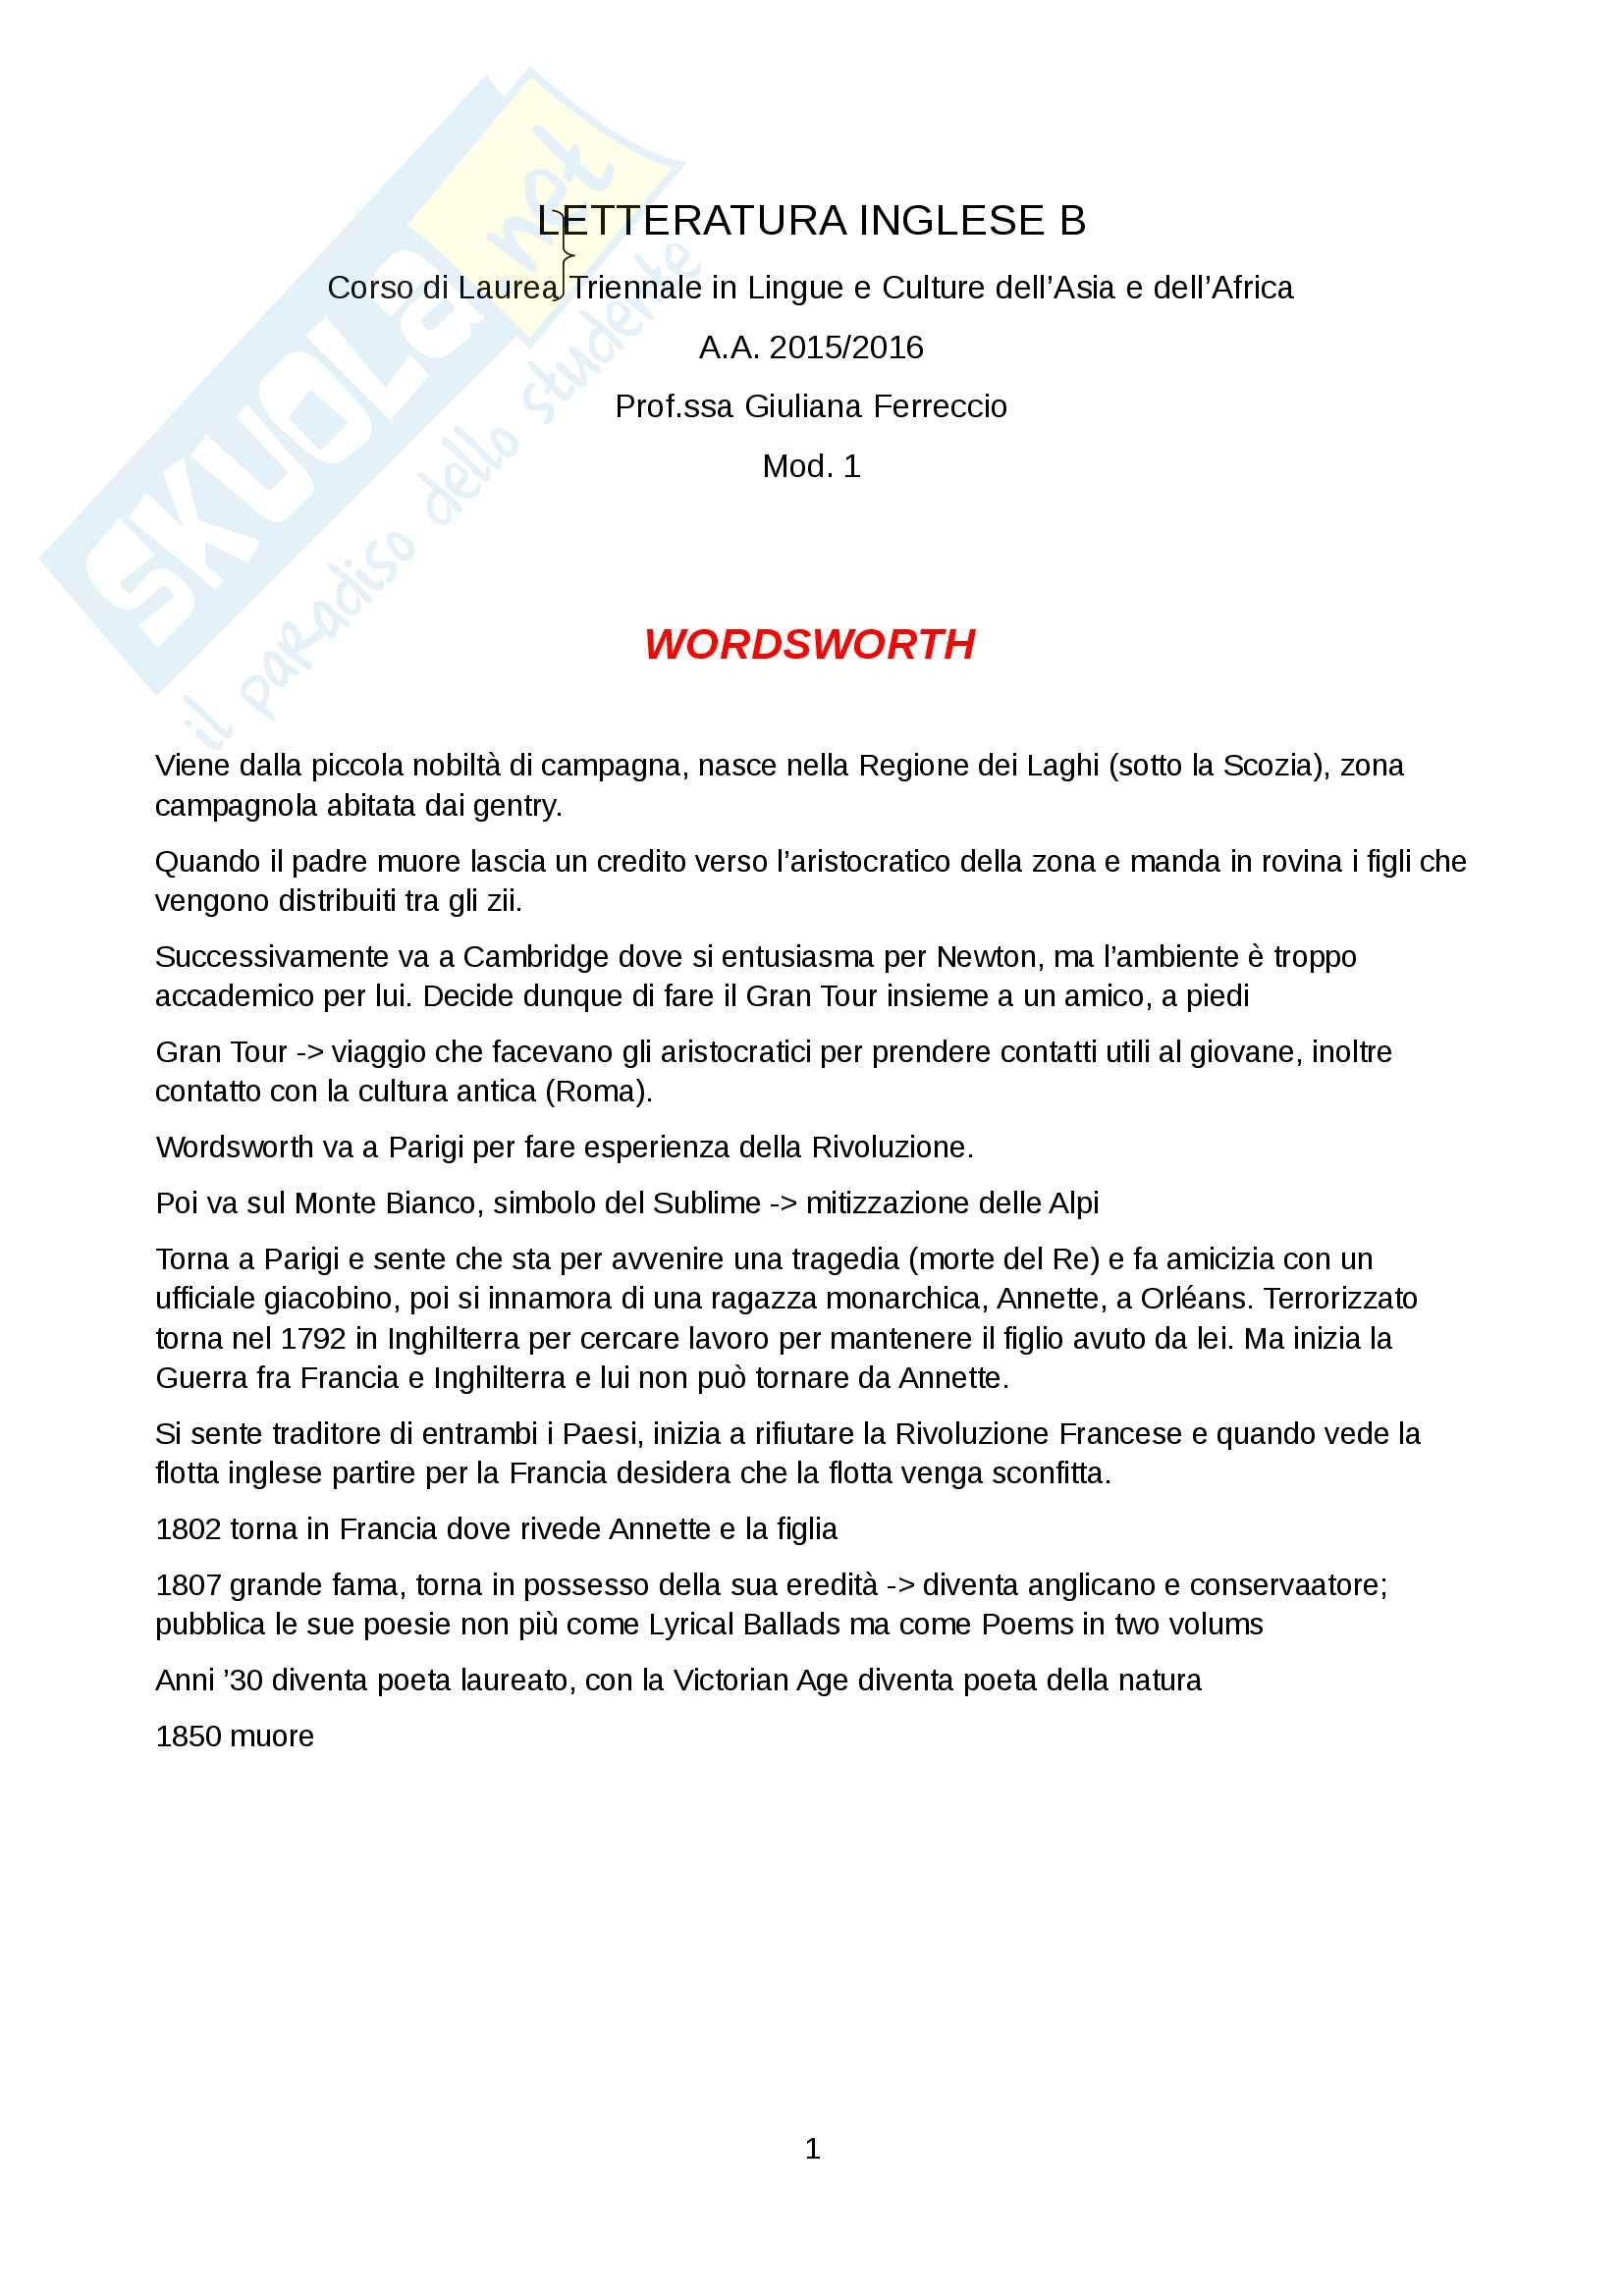 Letteratura Inglese B - Modulo 1